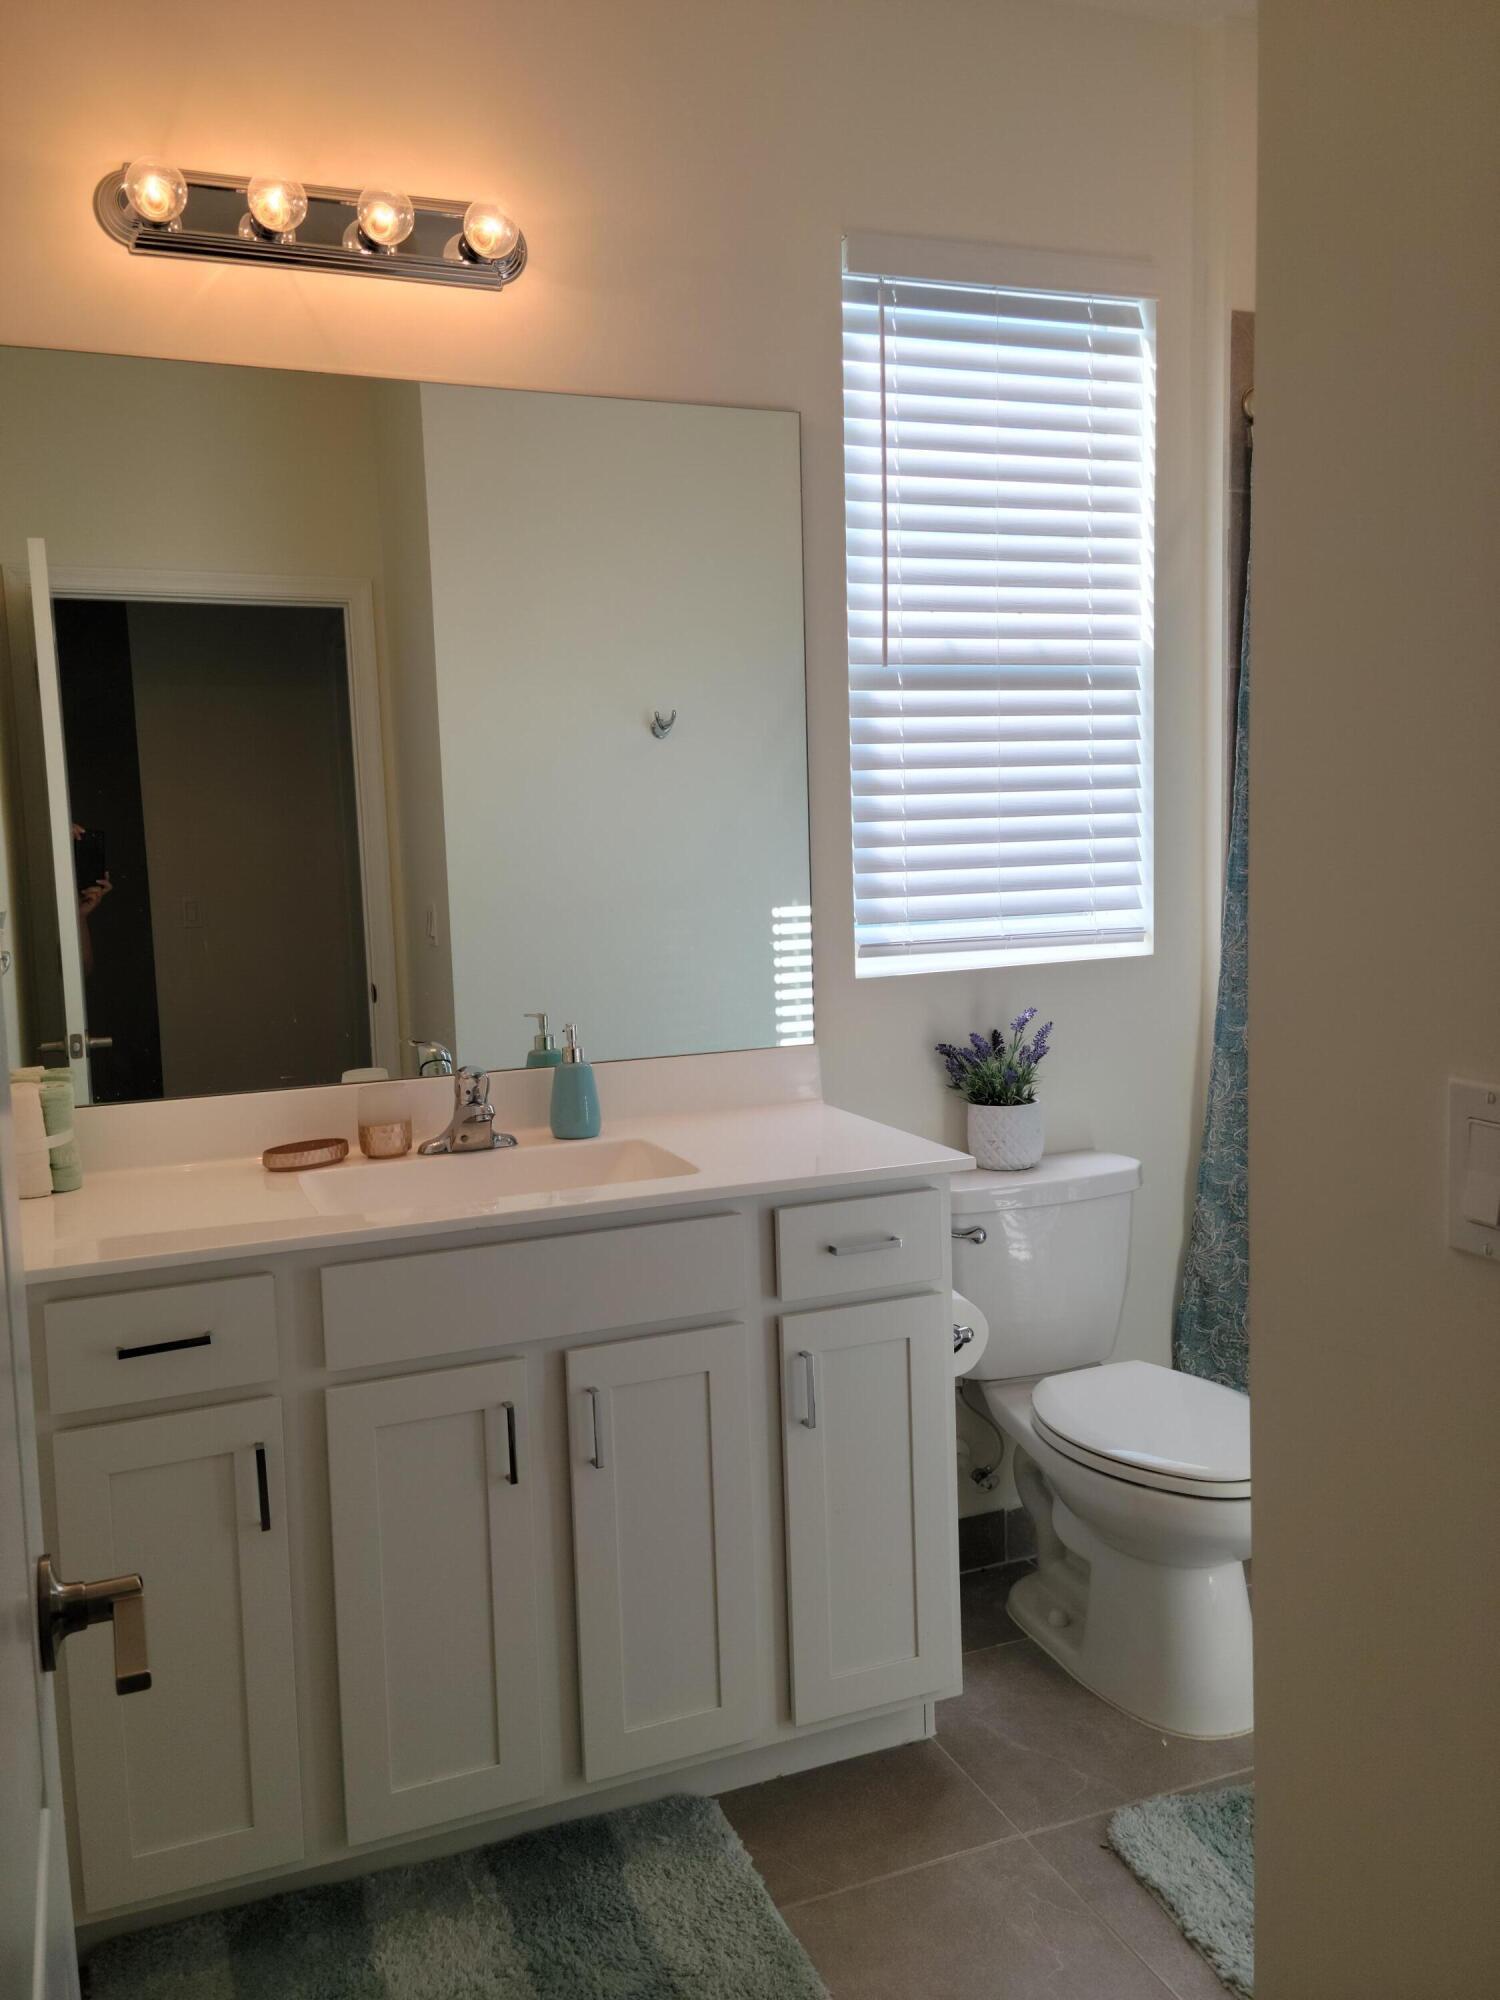 881 Bent Creek Drive, Fort Pierce, Florida 34947, 4 Bedrooms Bedrooms, ,3 BathroomsBathrooms,Residential,For Sale,Bent Creek,RX-10745828